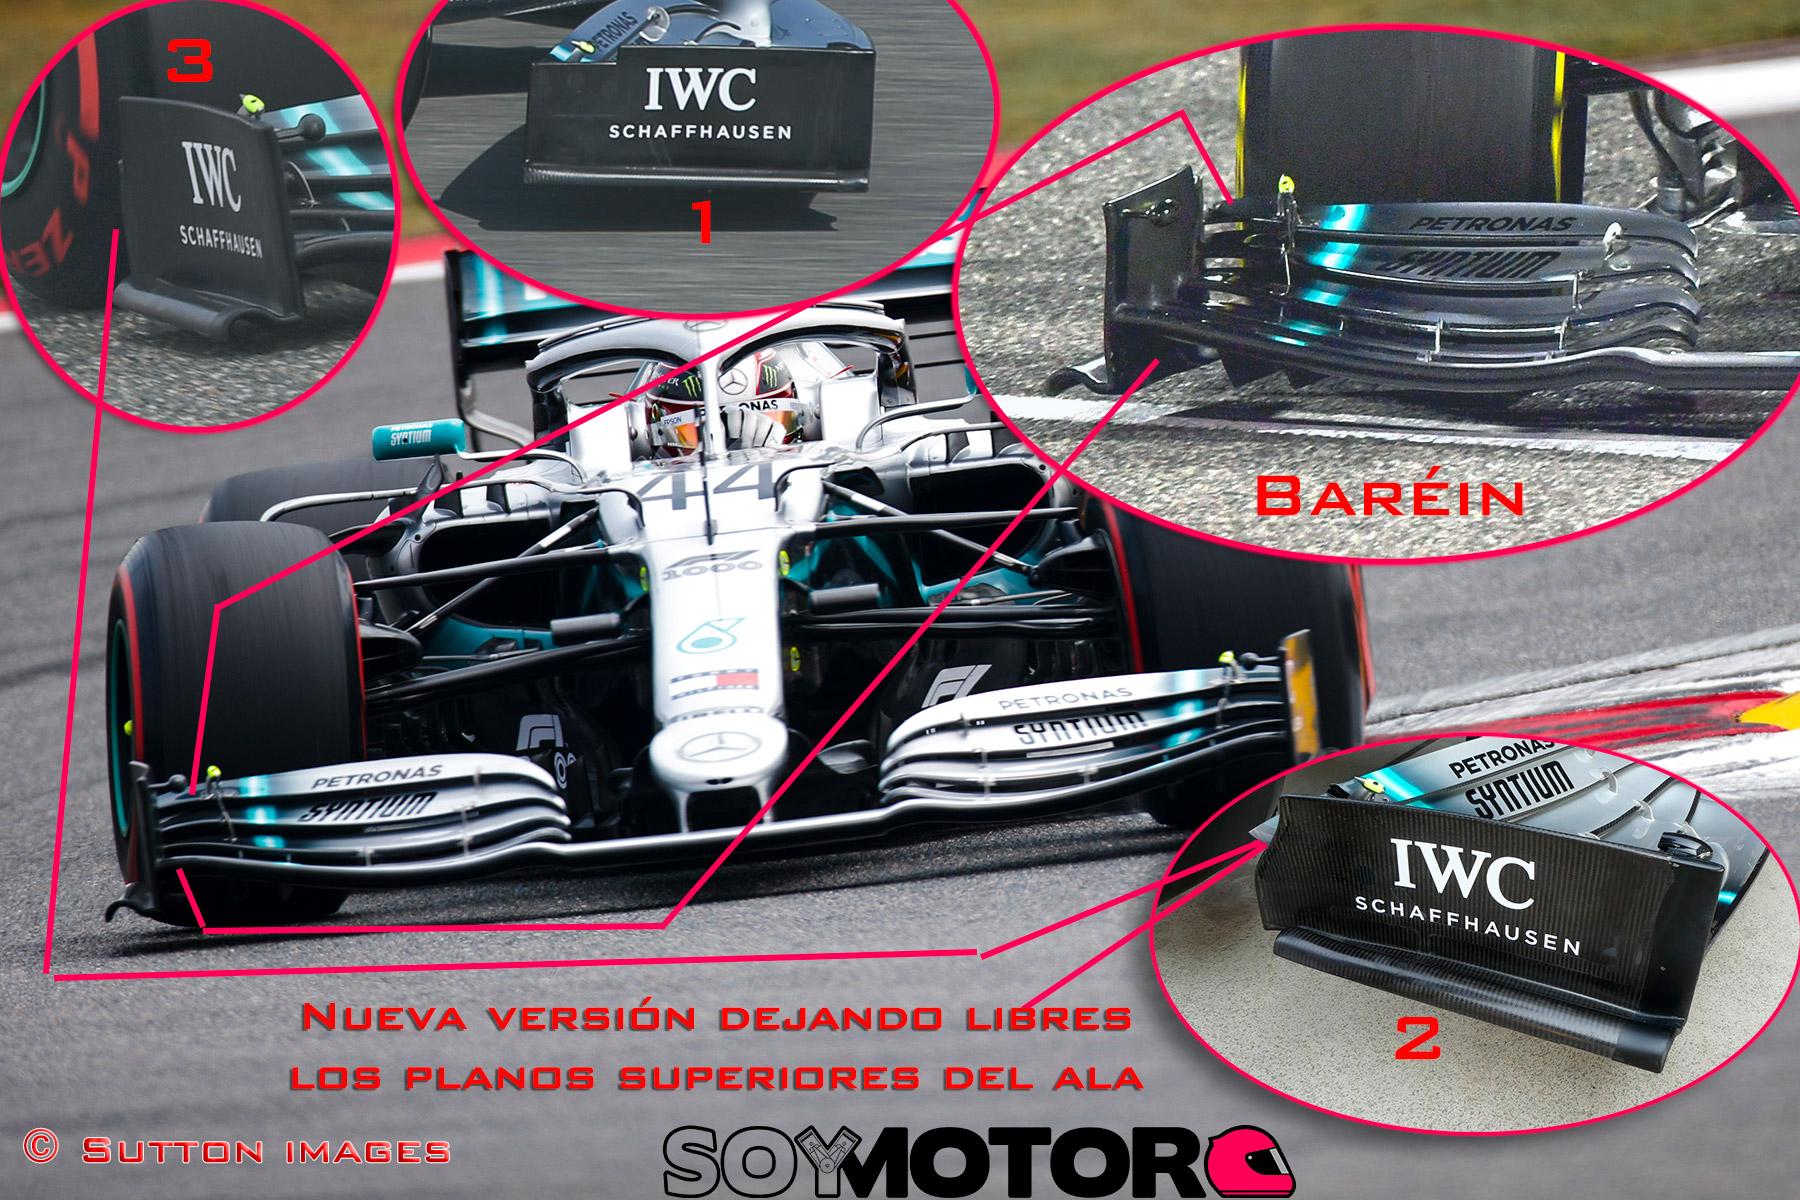 mercedes-nueva-ala-delantera-y-endplate-soymotor.jpg